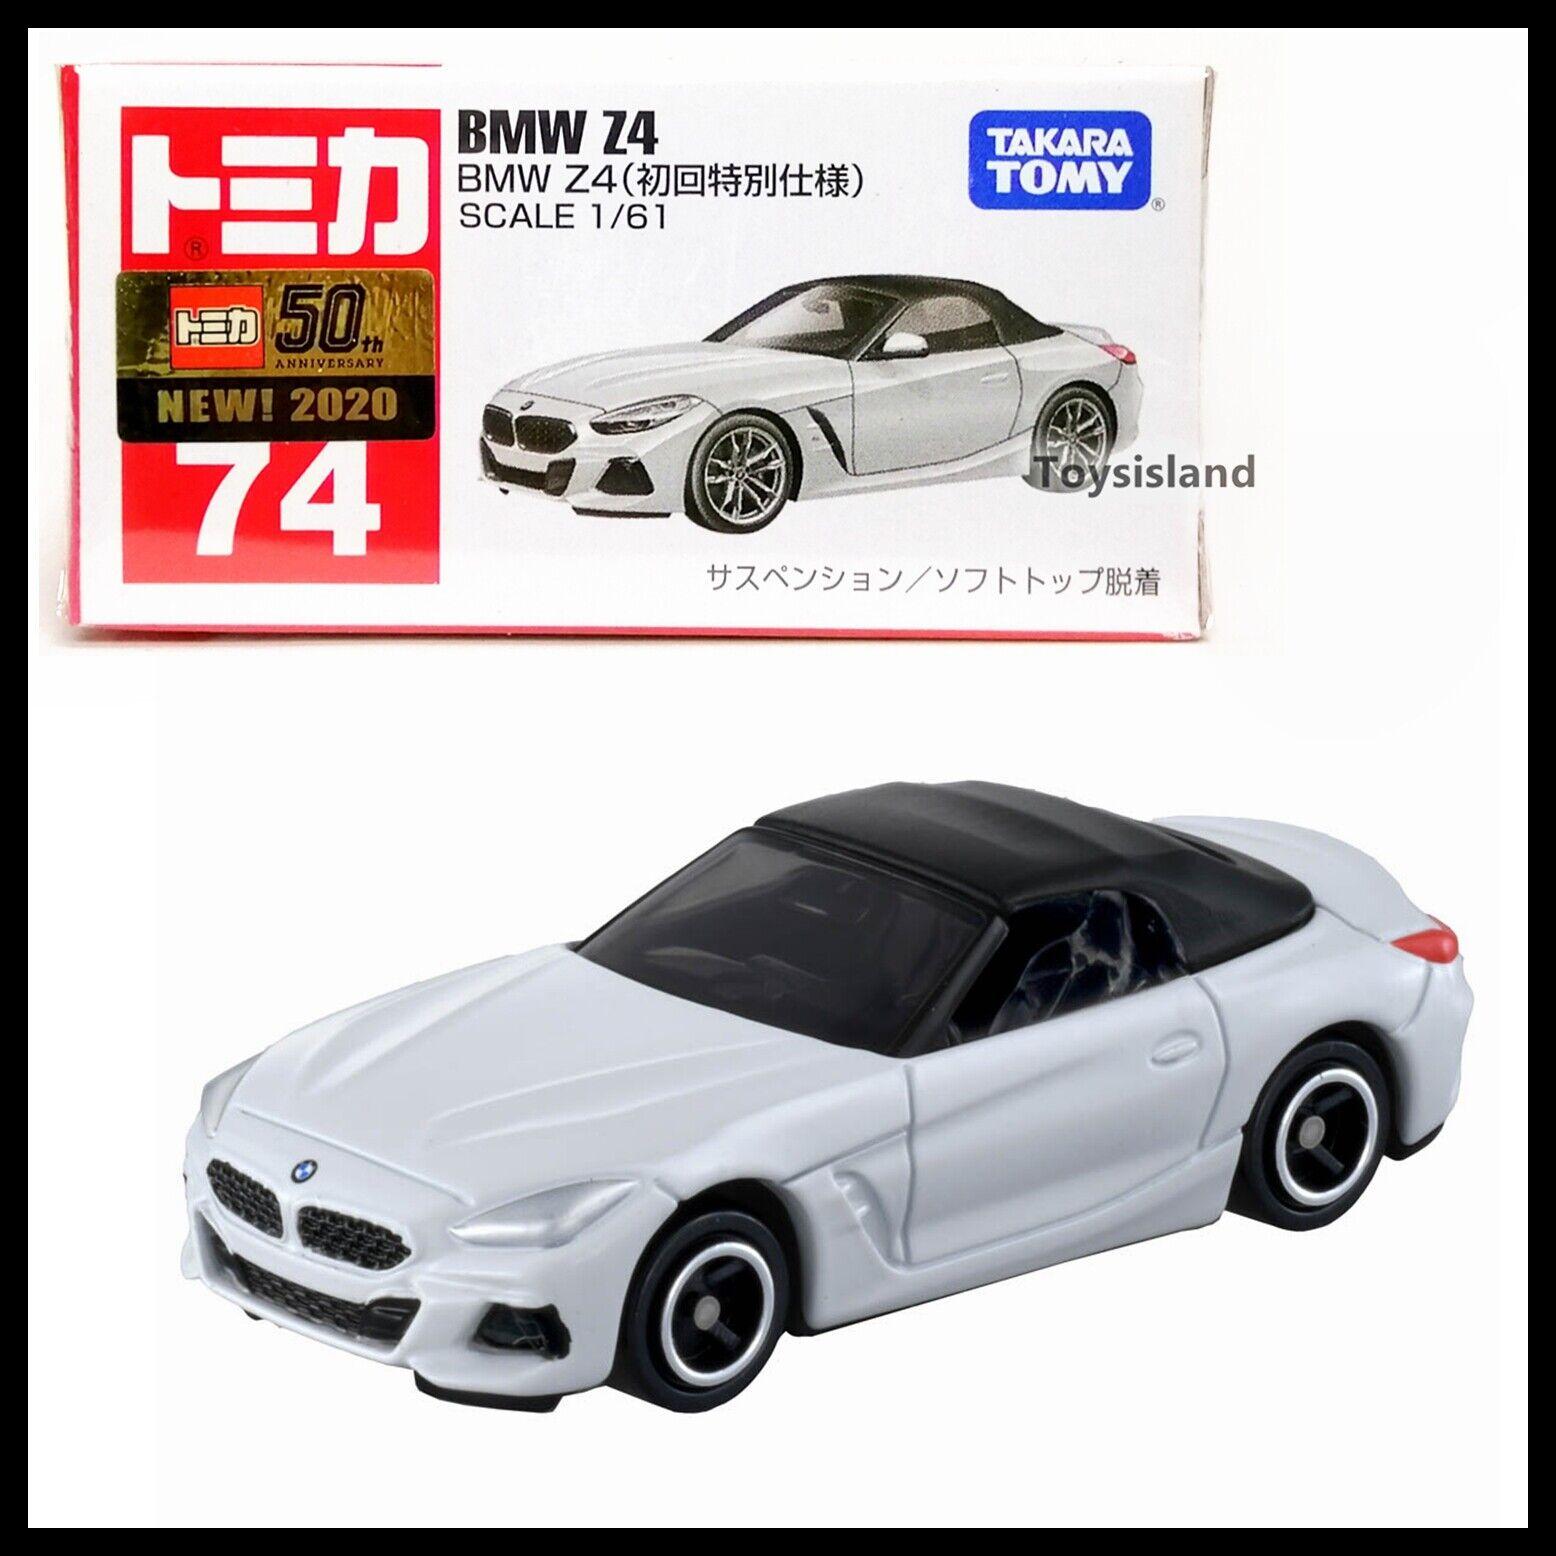 TOMICA #17 BMW i8 1//61 TOMY DIECAST CAR 2016 NOV NEW MODEL First edition A